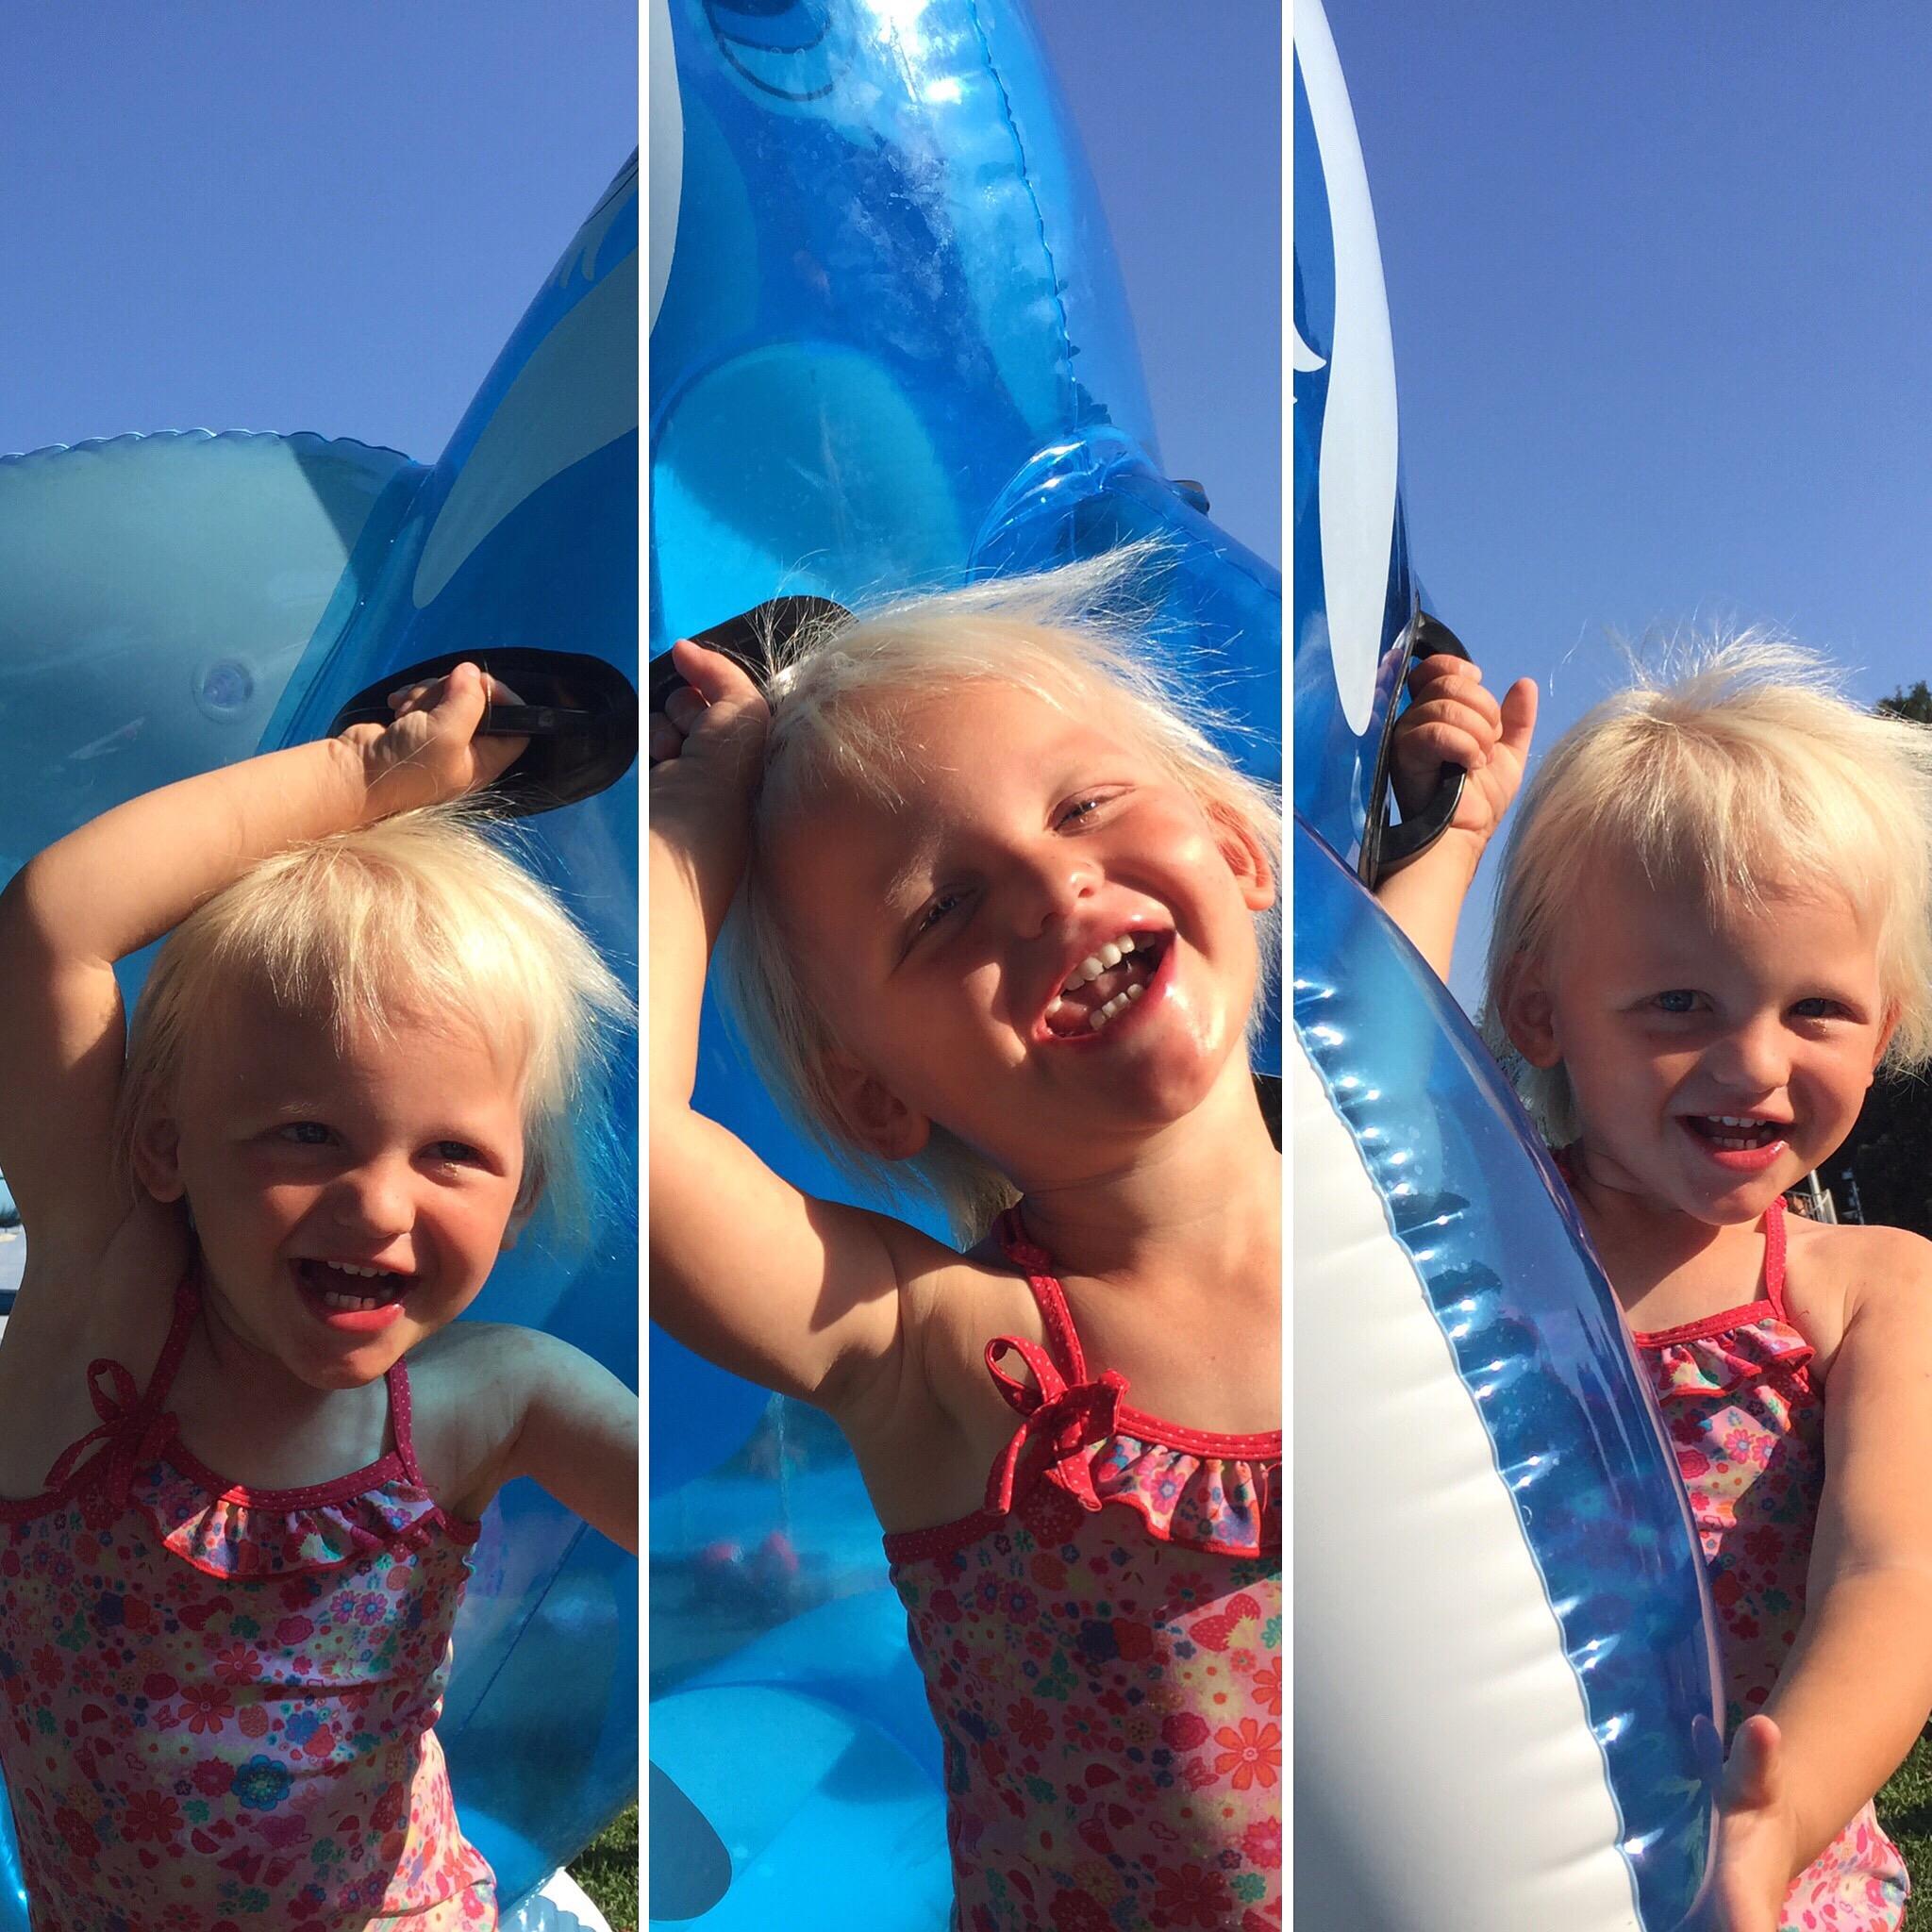 Het werd een hele gezellige, lange middag met superlieve kinderen, fantastisch weer en warm zwemwater